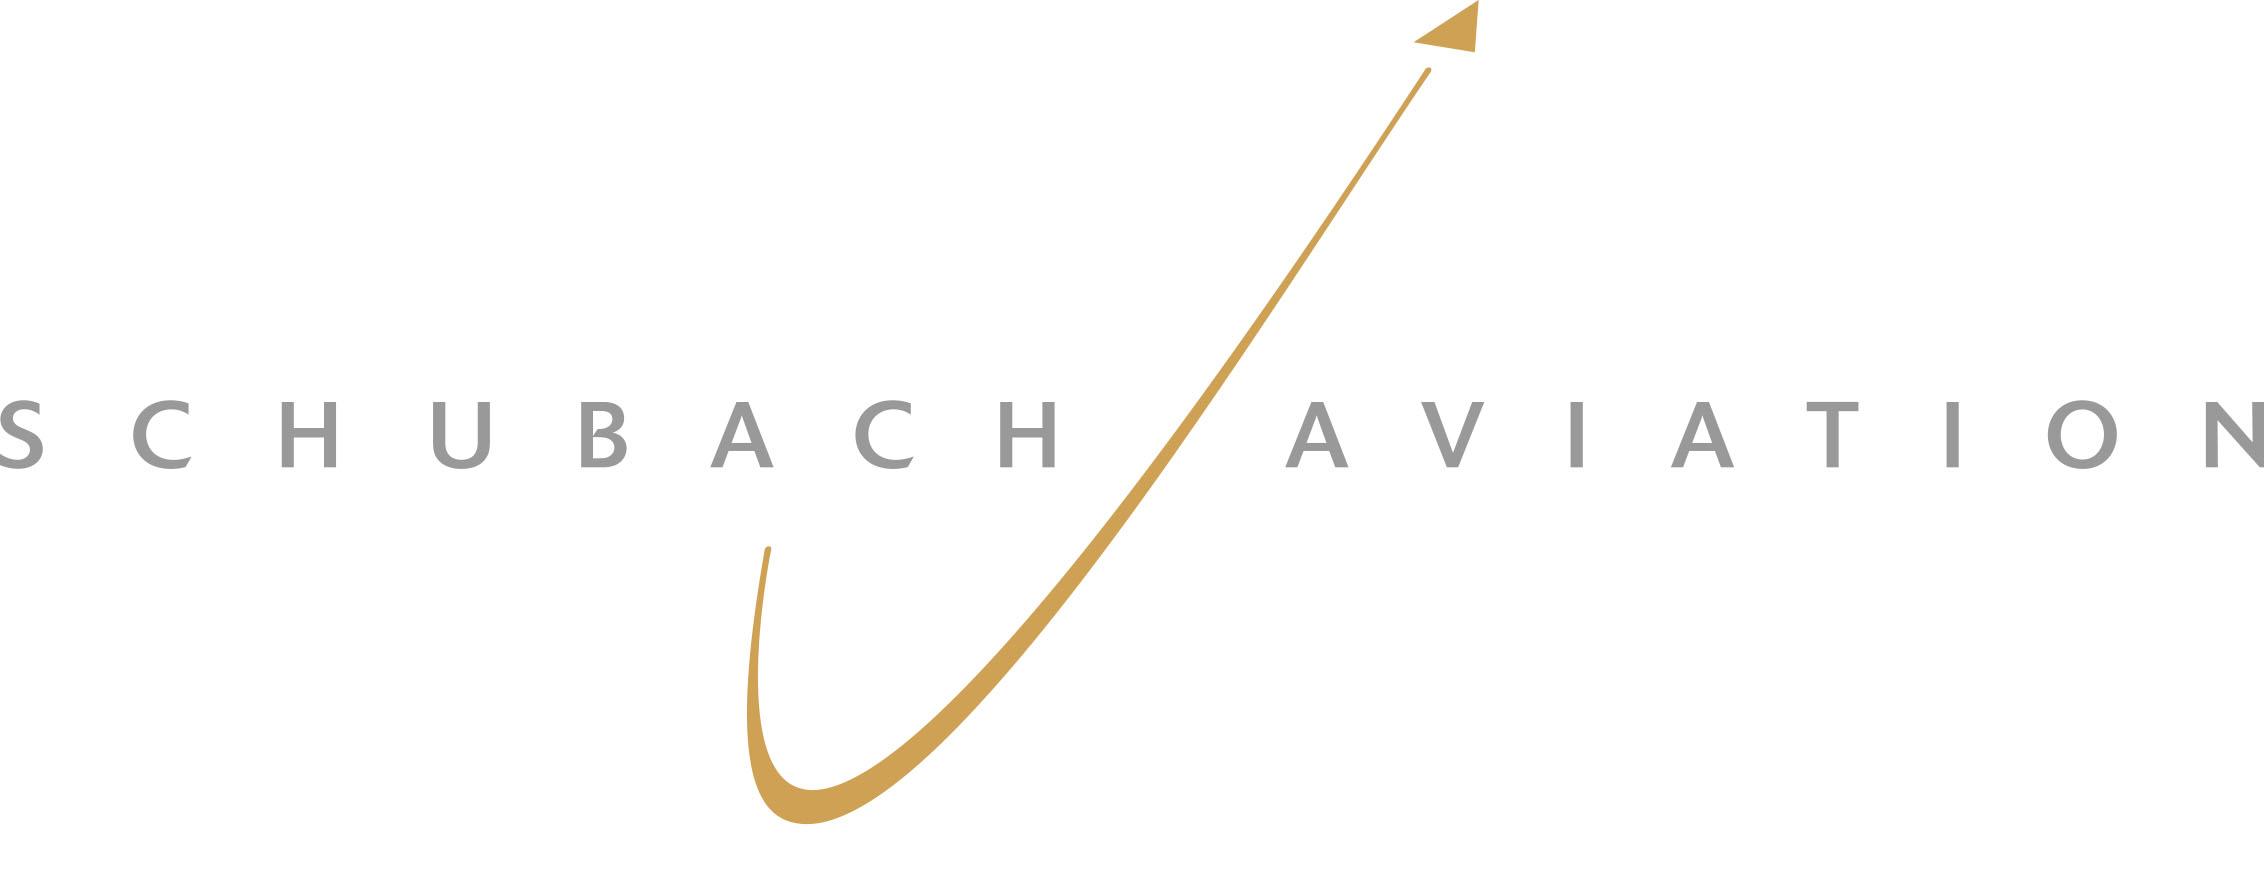 Schubach-logo-Gold-Gray1